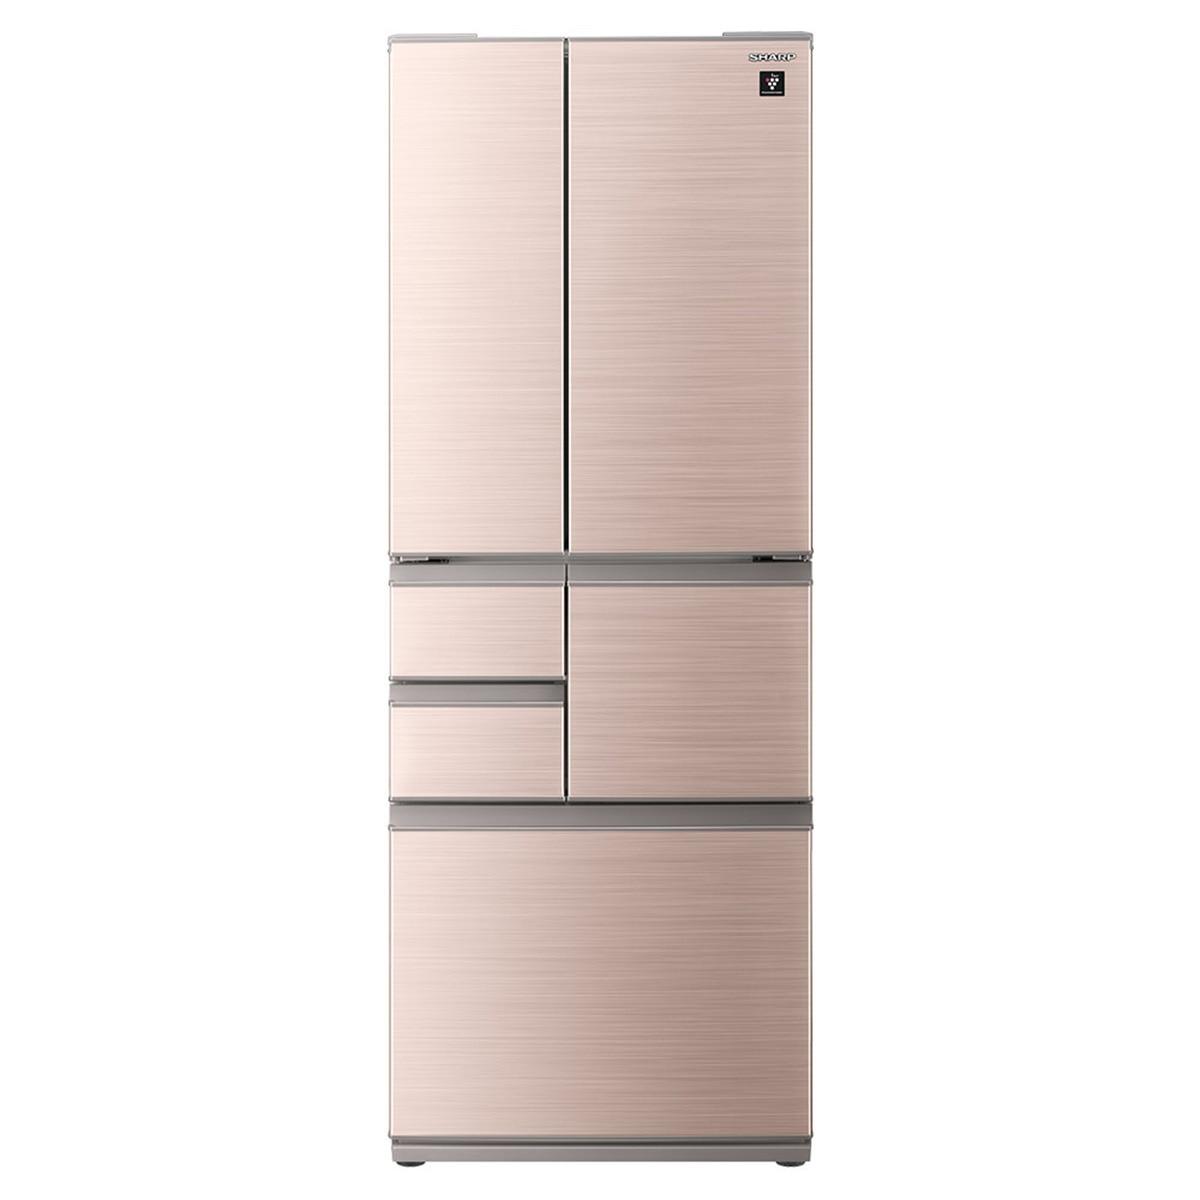 SHARP プラズマクラスター 6ドア冷蔵庫 502L シャインブラウン系【大型商品(設置工事可)】 SJ-X504H-T